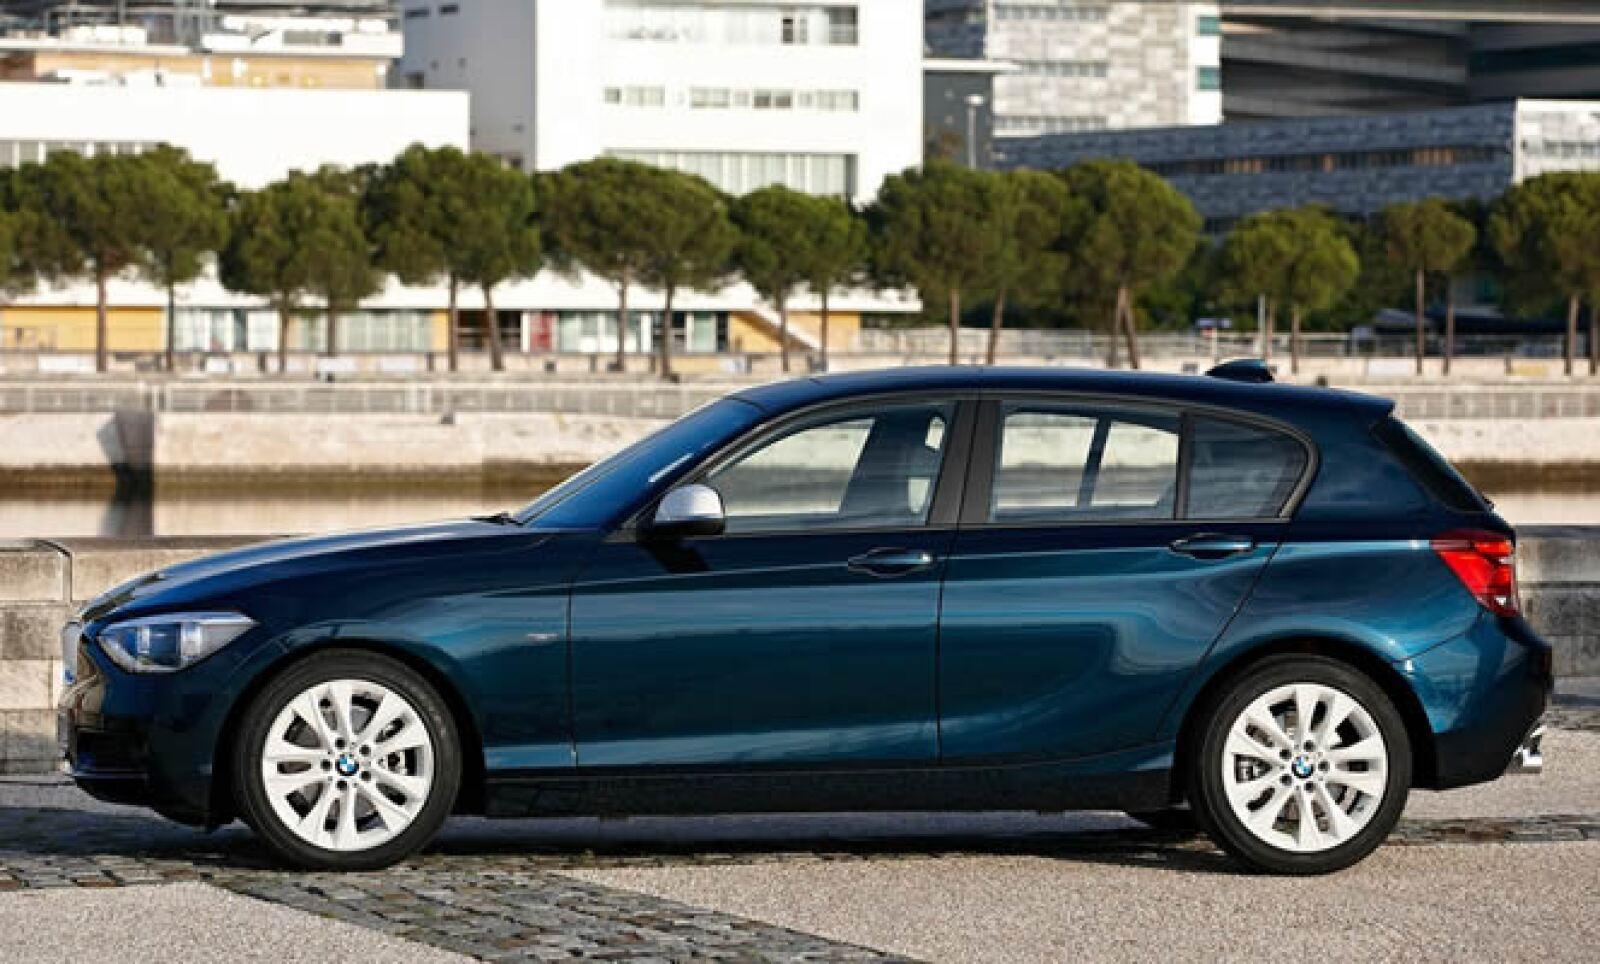 El diseño exterior muestra un largo cofre, un habitáculo desplazado hacia atrás y un techo que desciende ligeramente en la parte posterior que ofrece una estética similar a la de un coupé.